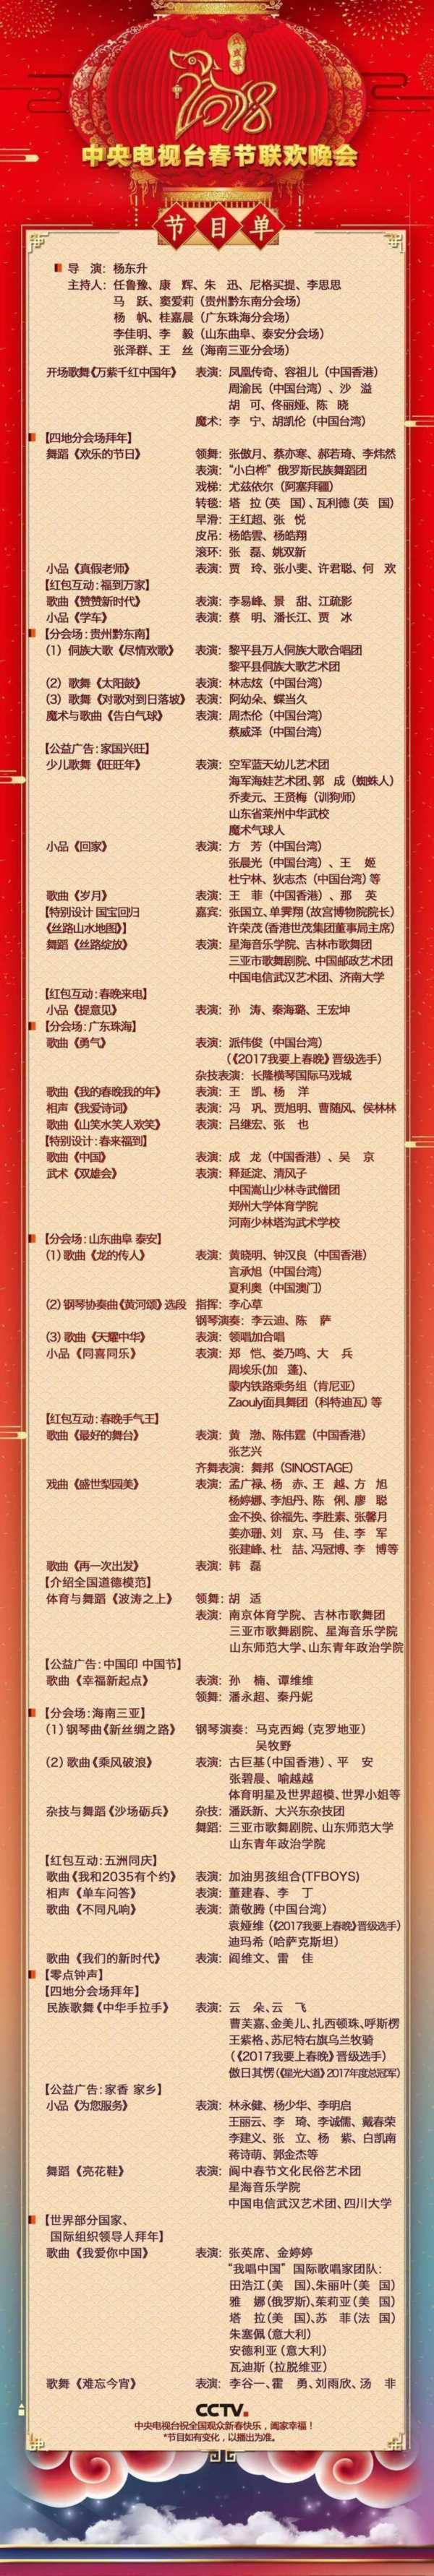 2018年央视春晚节目单出炉